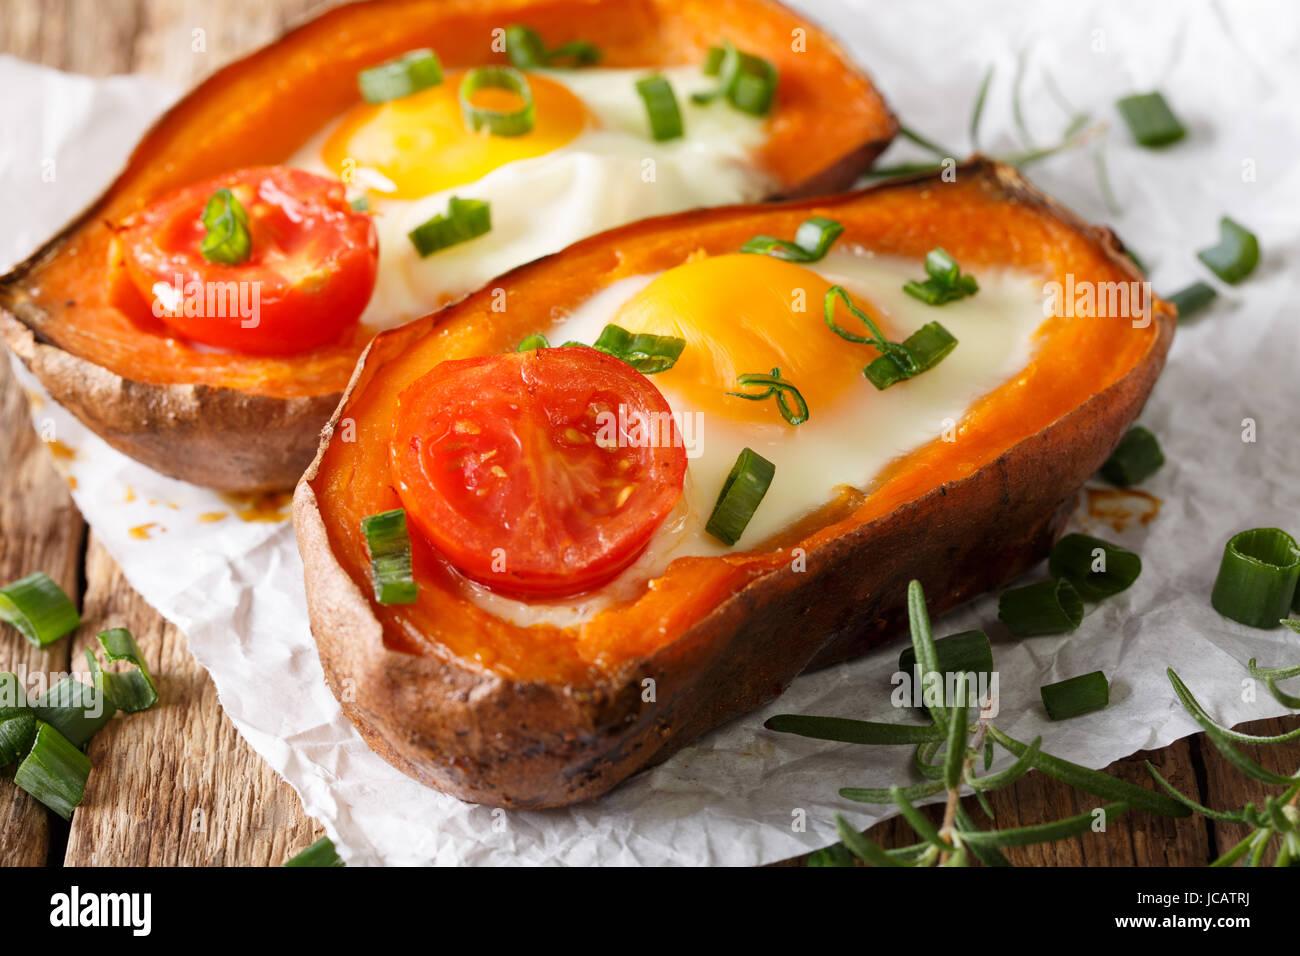 Sana dolci cotti al forno con patate uovo fritto e pomodoro vicino sul tavolo. Posizione orizzontale Immagini Stock